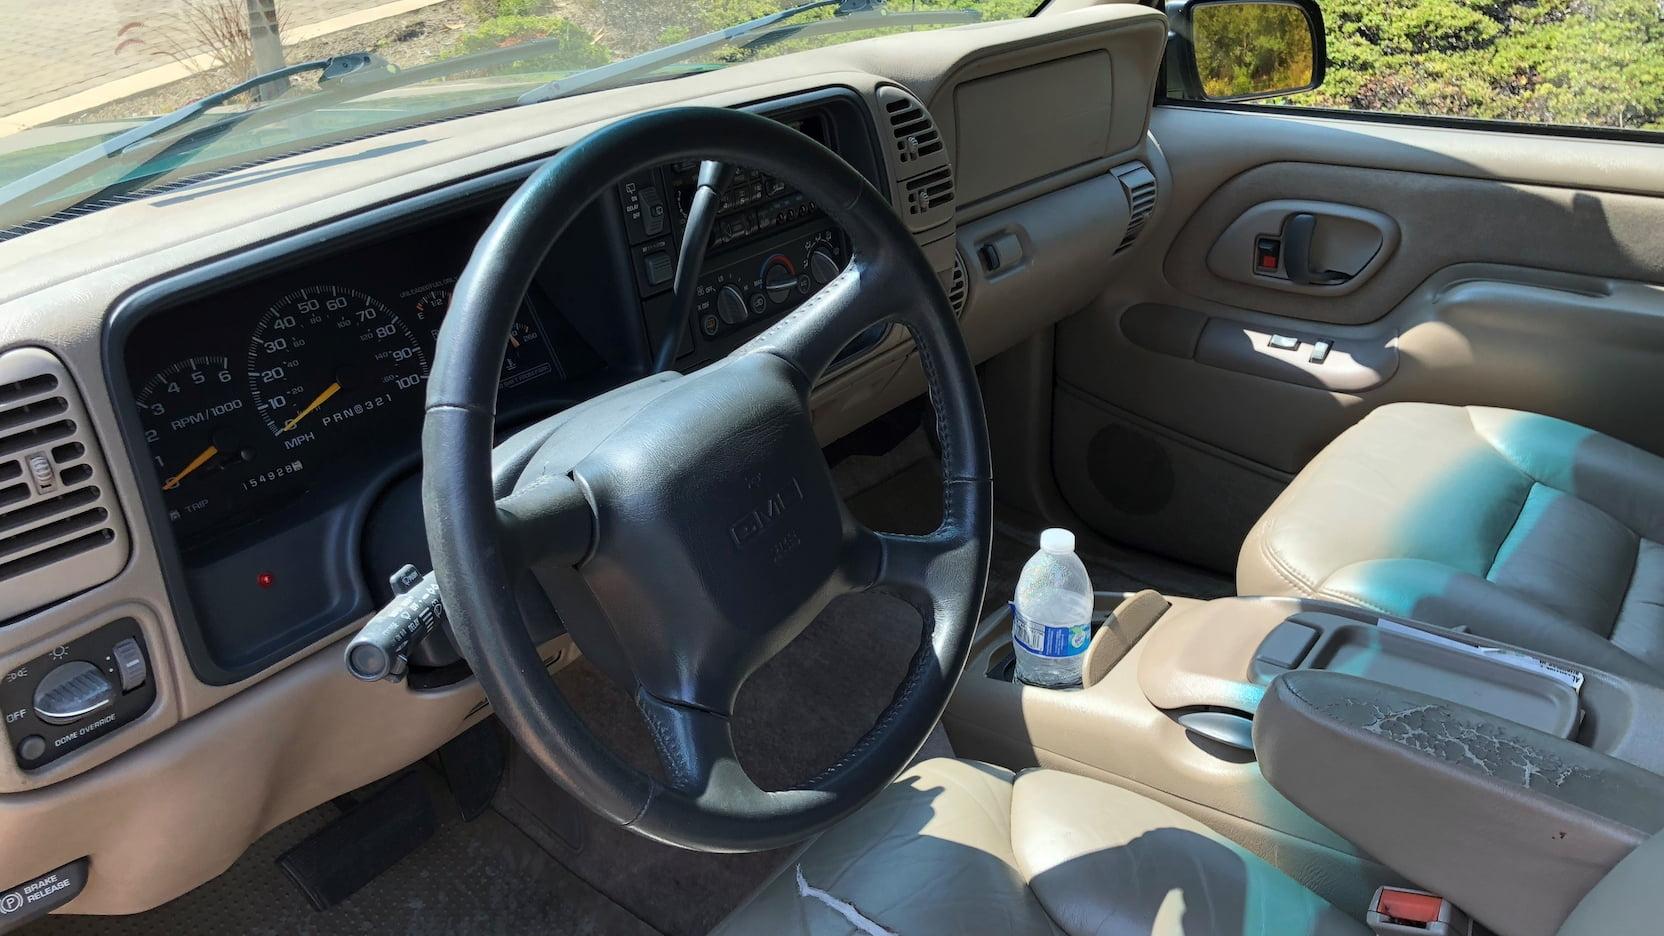 1998 GMC Suburban SLT interior dash